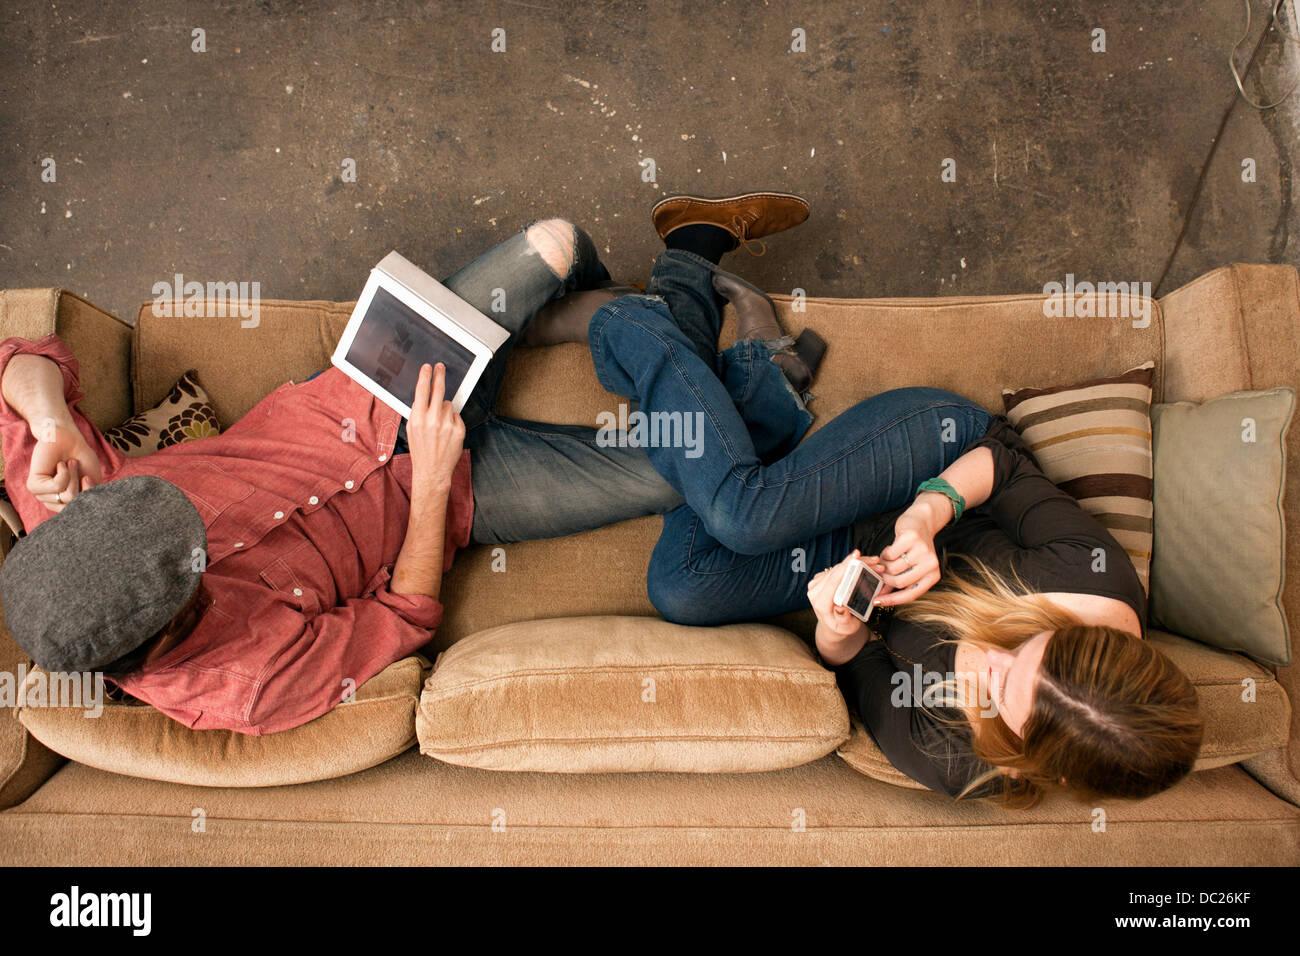 Giovane seduto sul divano con tavoletta digitale e lo smartphone Immagini Stock